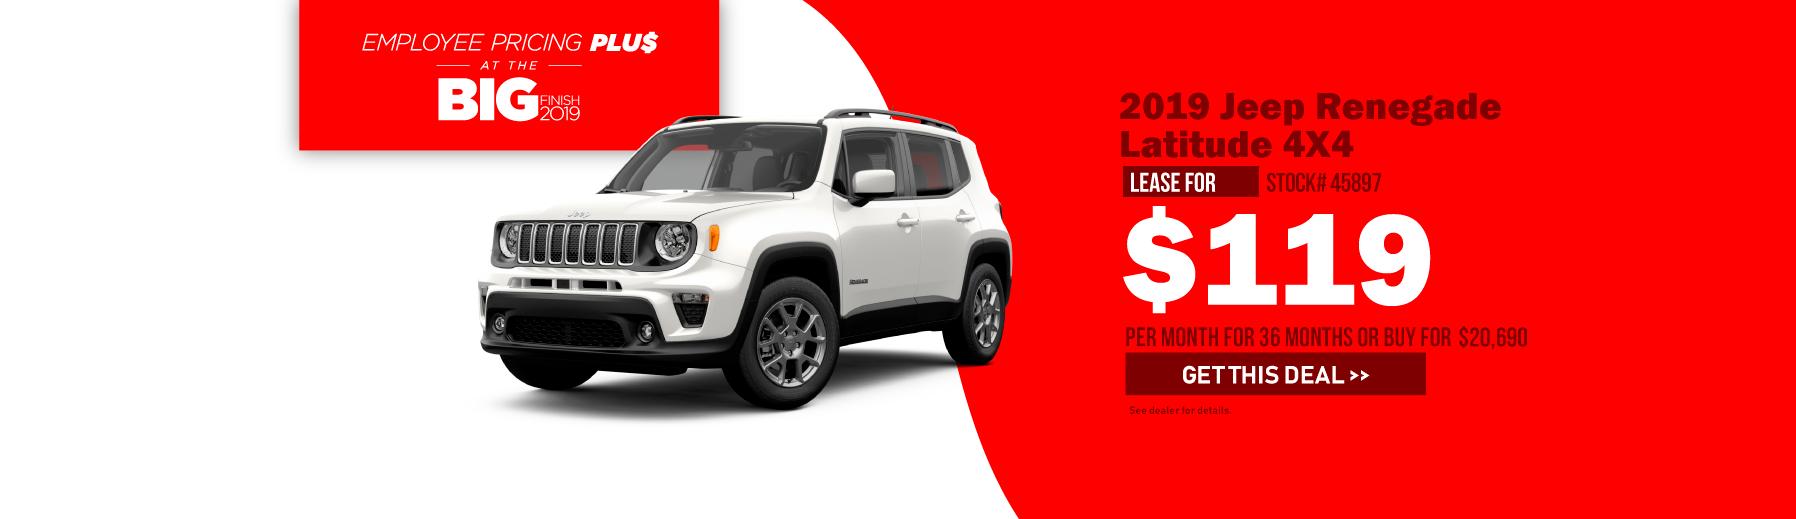 Jeep Dealers Mn >> Roseville Cjdr Chrysler Jeep Dodge Ram Dealer In